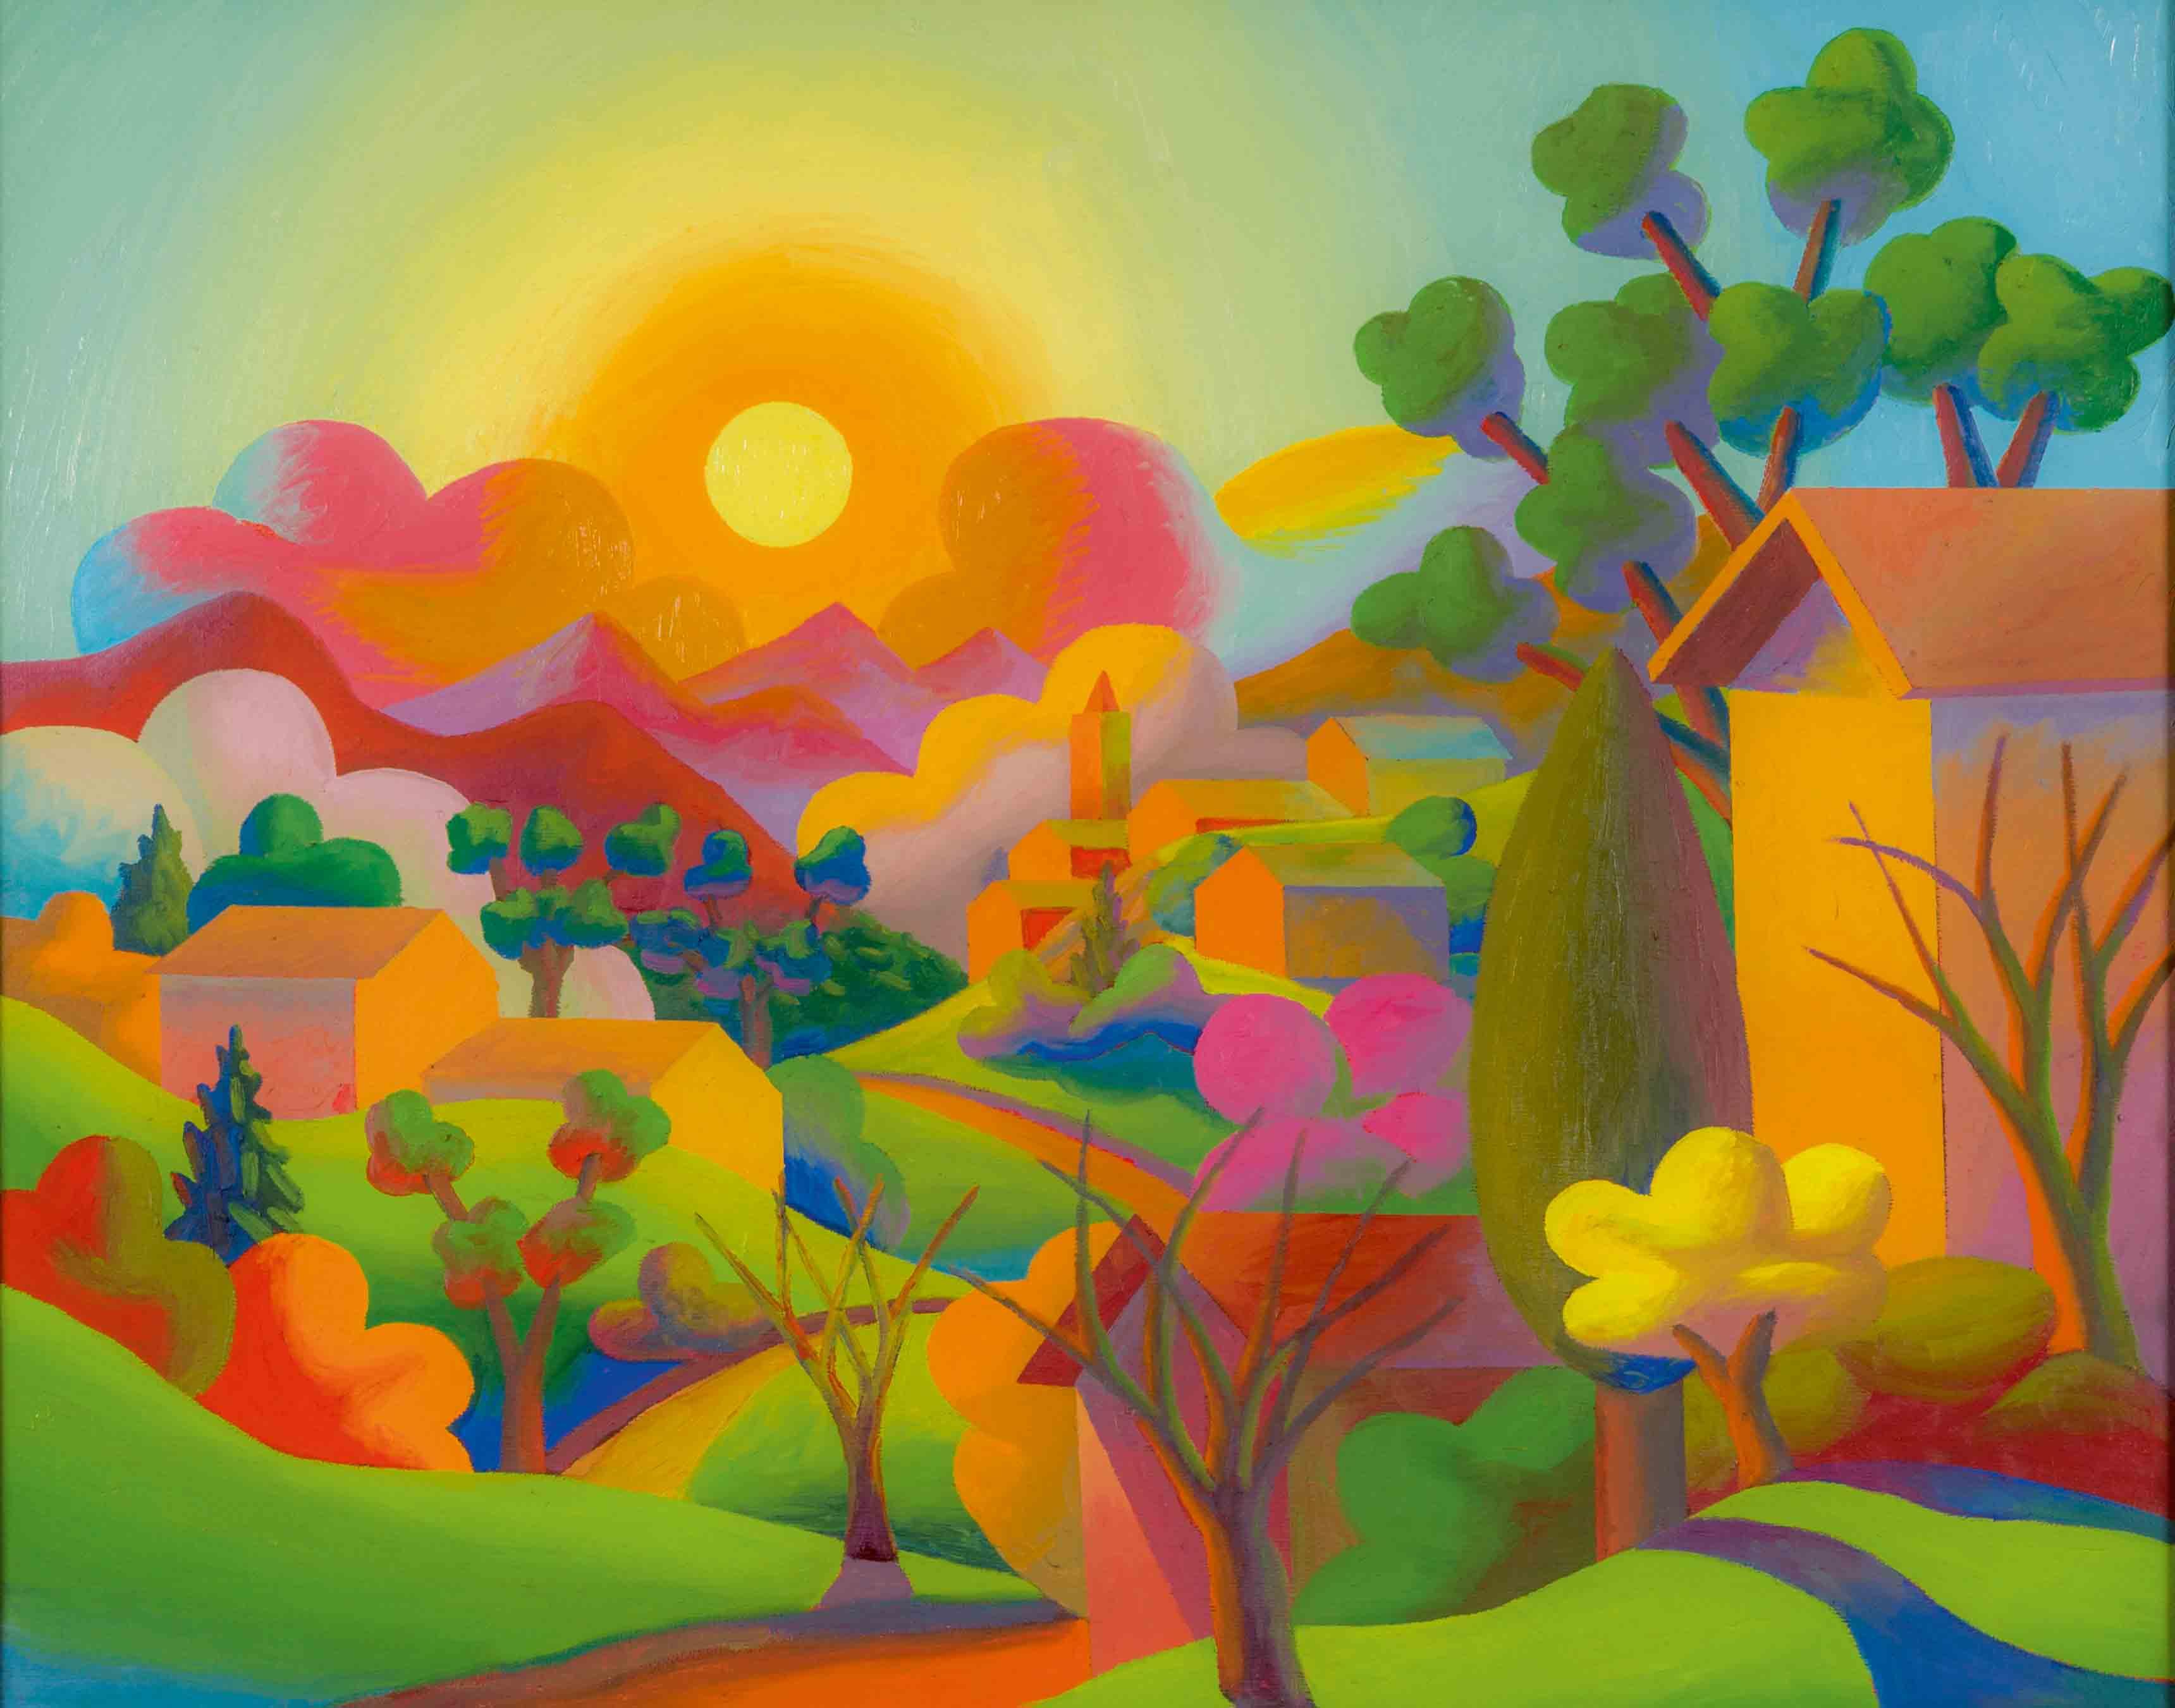 """""""La Valle"""" '2007), de Salvo, huile sur toile. Courtesy Archivio Salvo,Turin"""